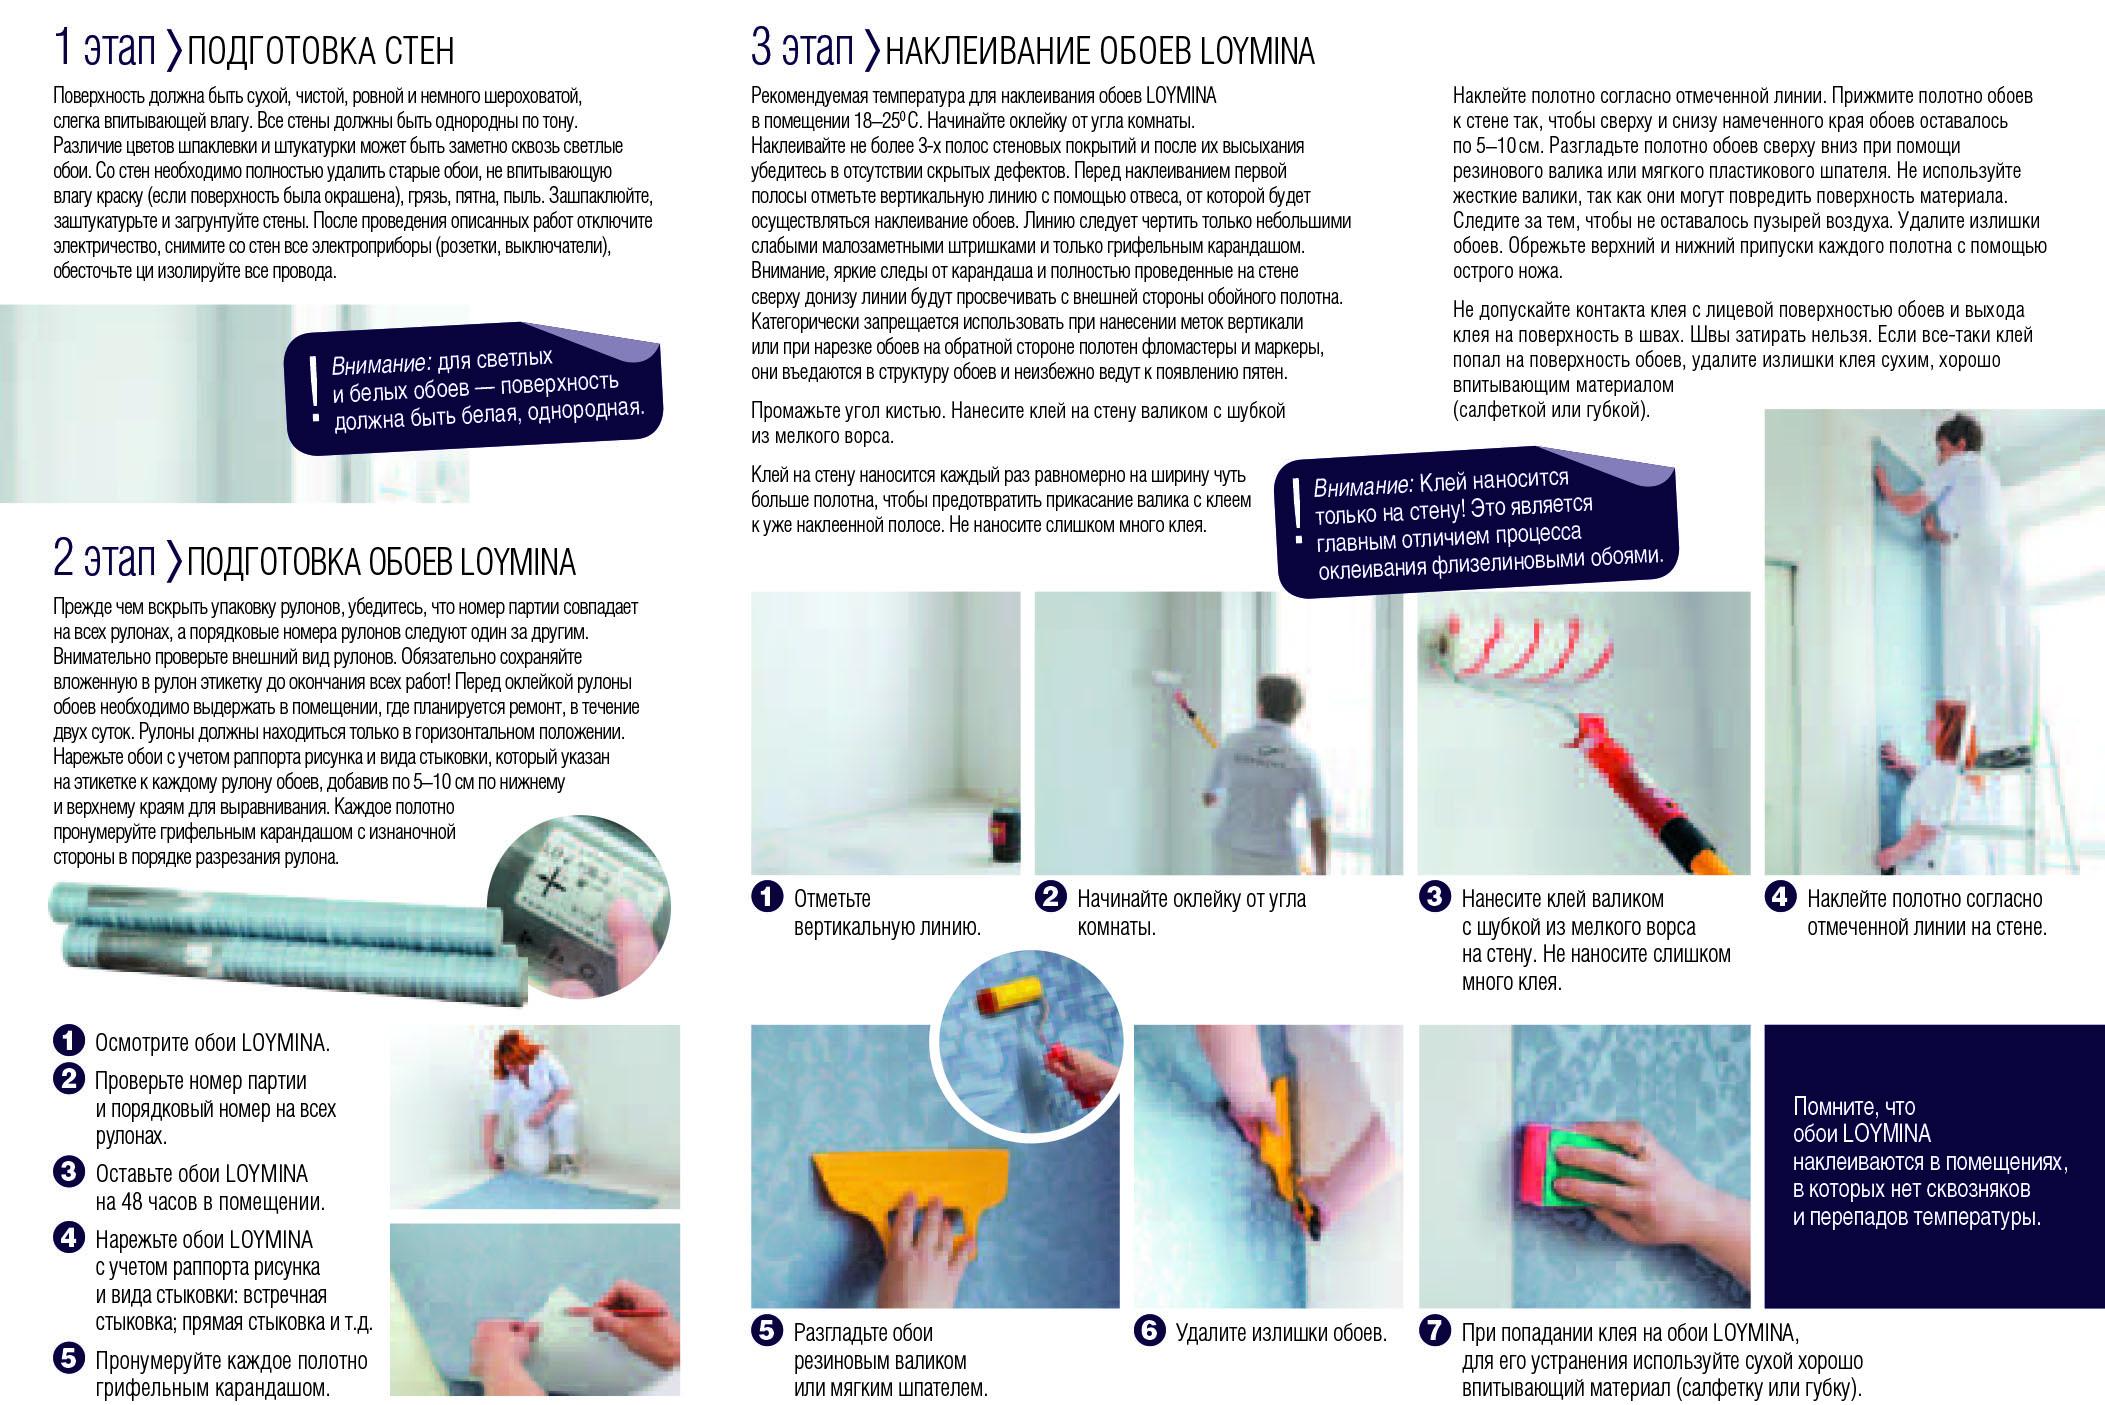 Как правильно клеить бумажные обои: пошаговая инструкция